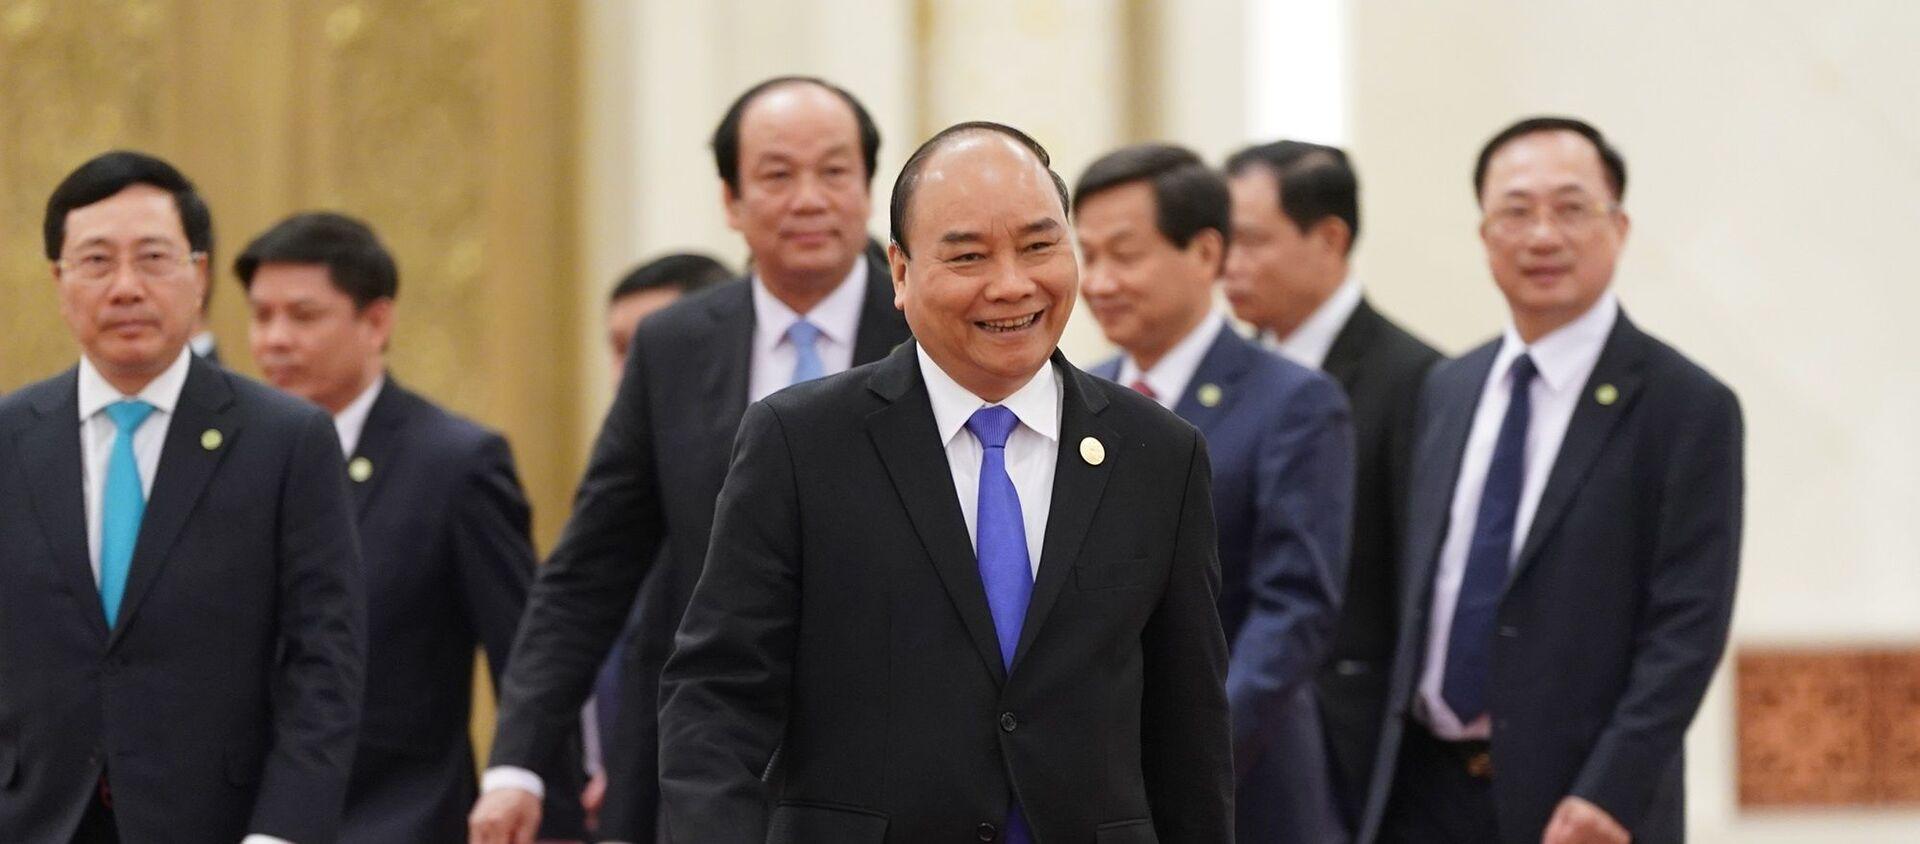 Thủ tướng Nguyễn Xuân Phúc hội kiến Tổng Bí thư, Chủ tịch nước Trung Quốc Tập Cận Bình - Sputnik Việt Nam, 1920, 26.04.2019